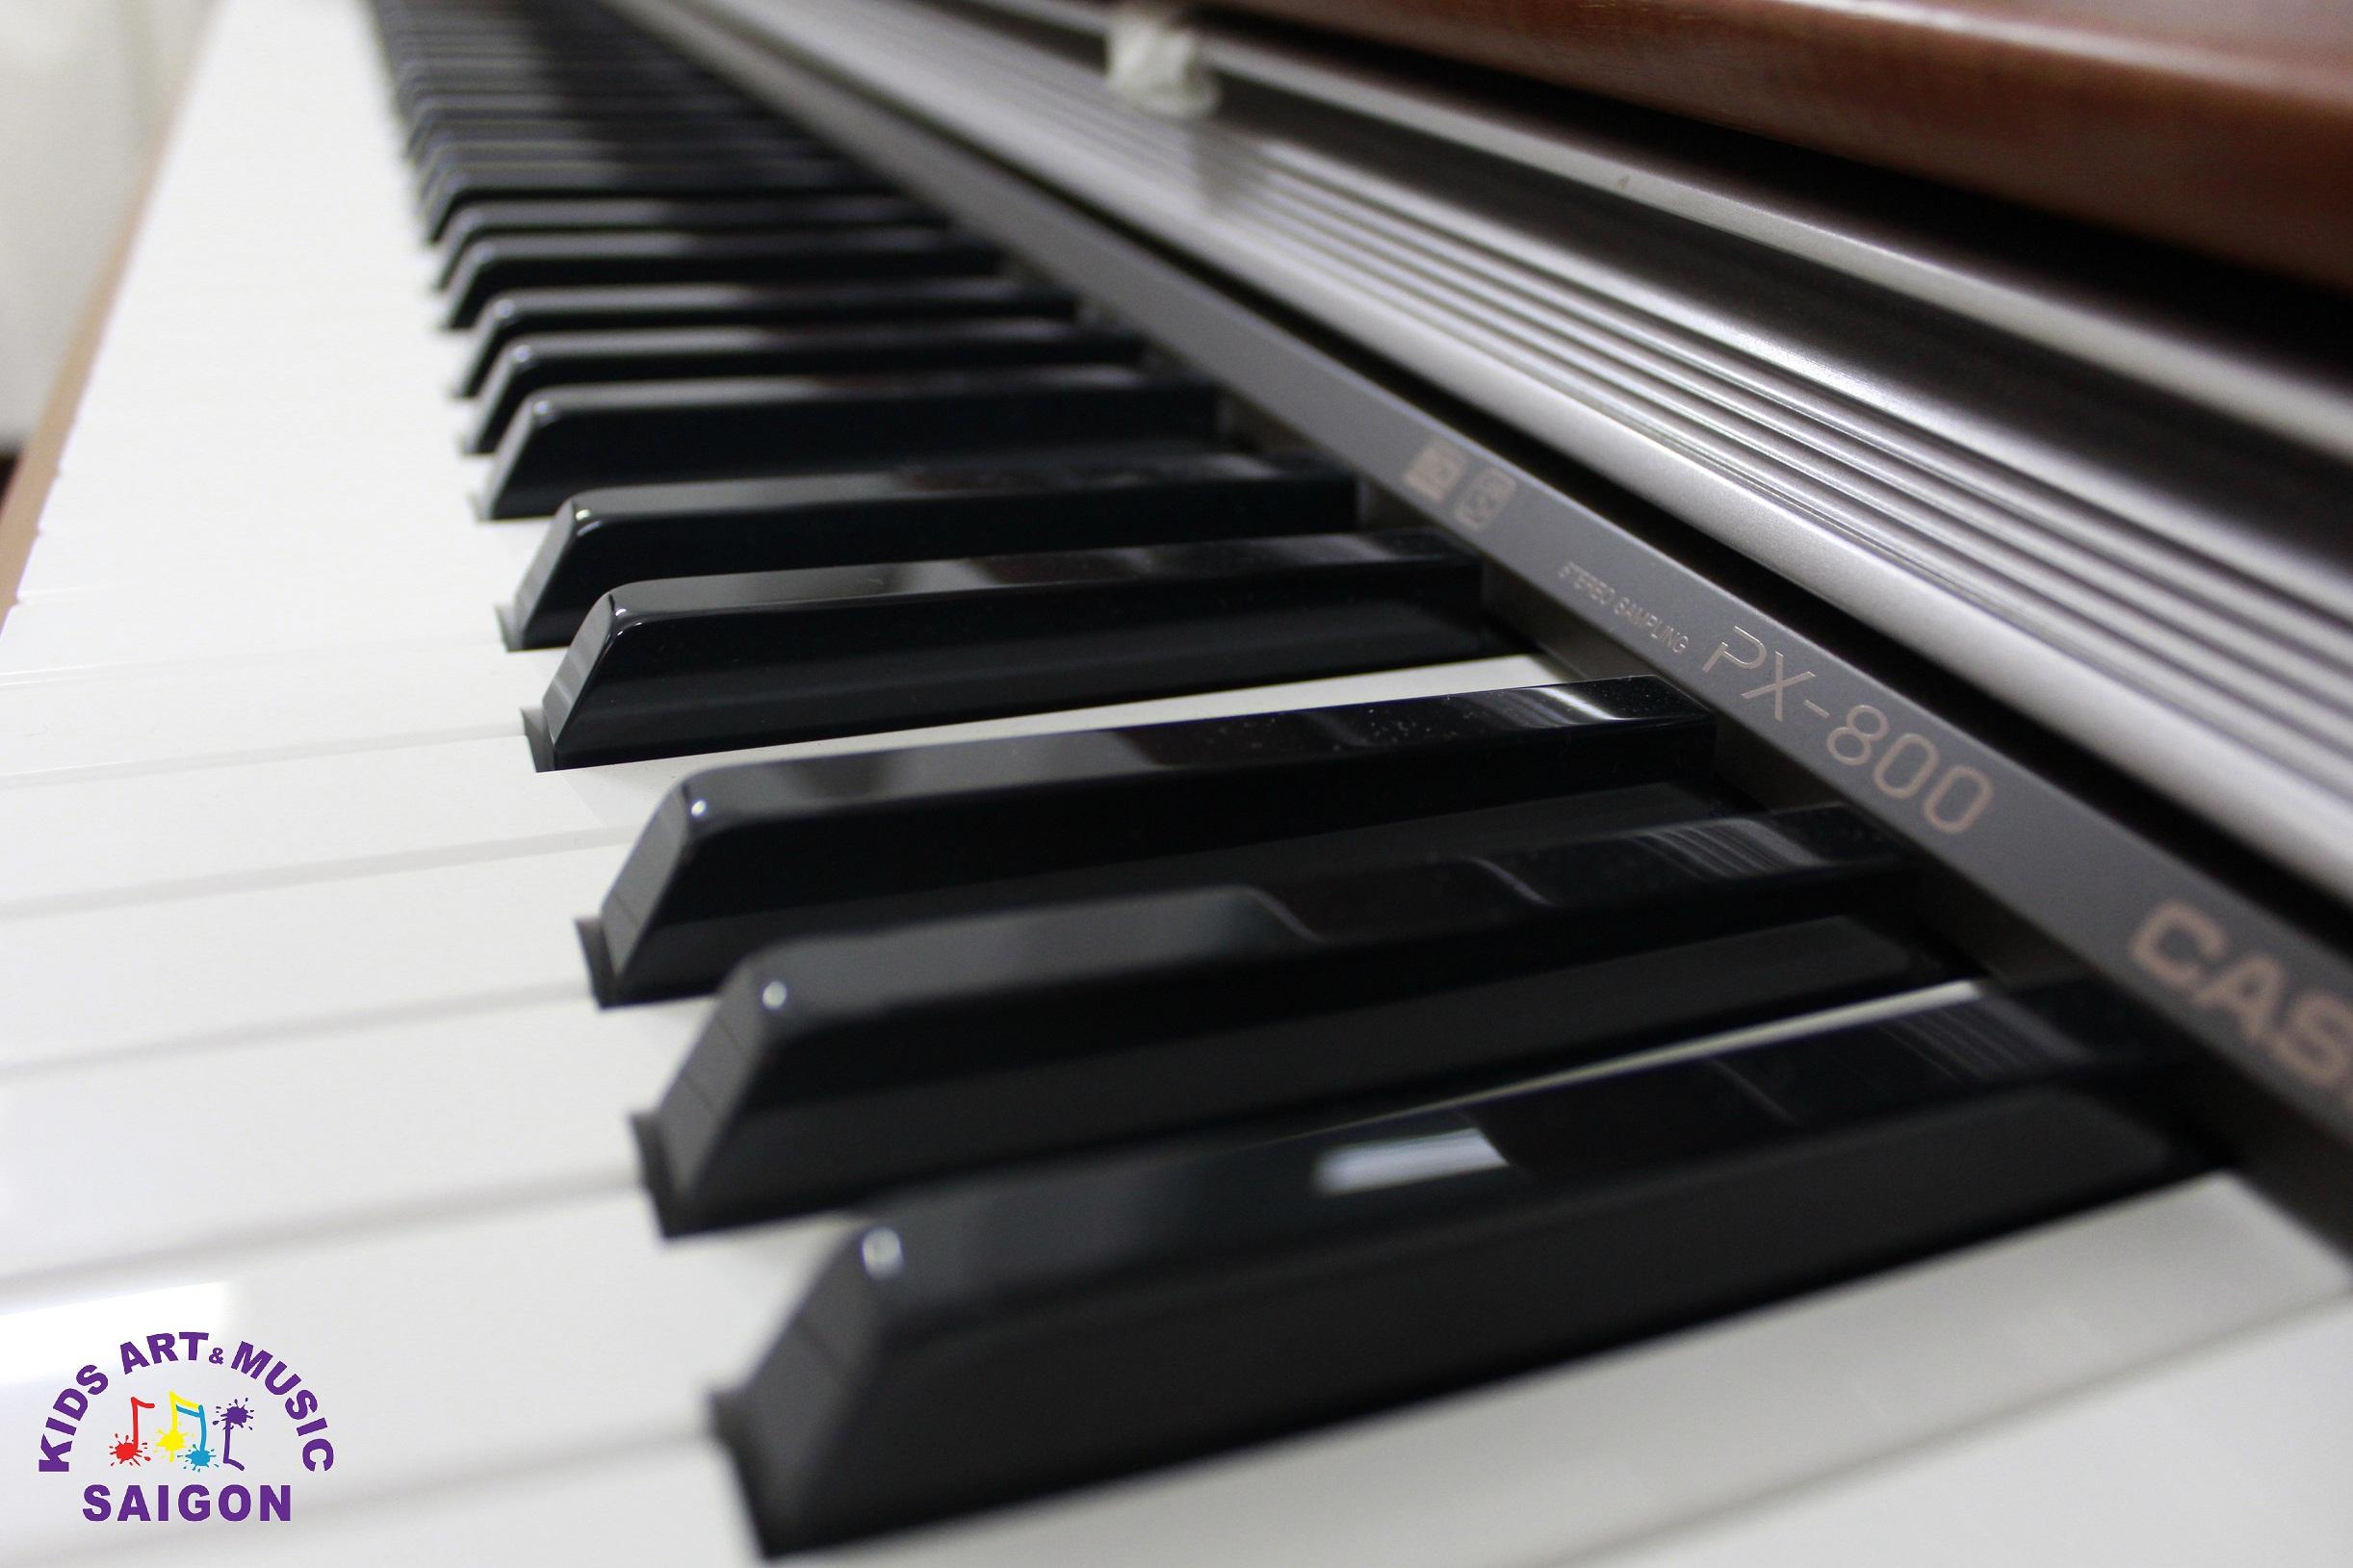 Học đàn Piano cho trẻ em tại Kids Art & Music Saigon, cùng tìm hiểu nhé! hình ảnh 5